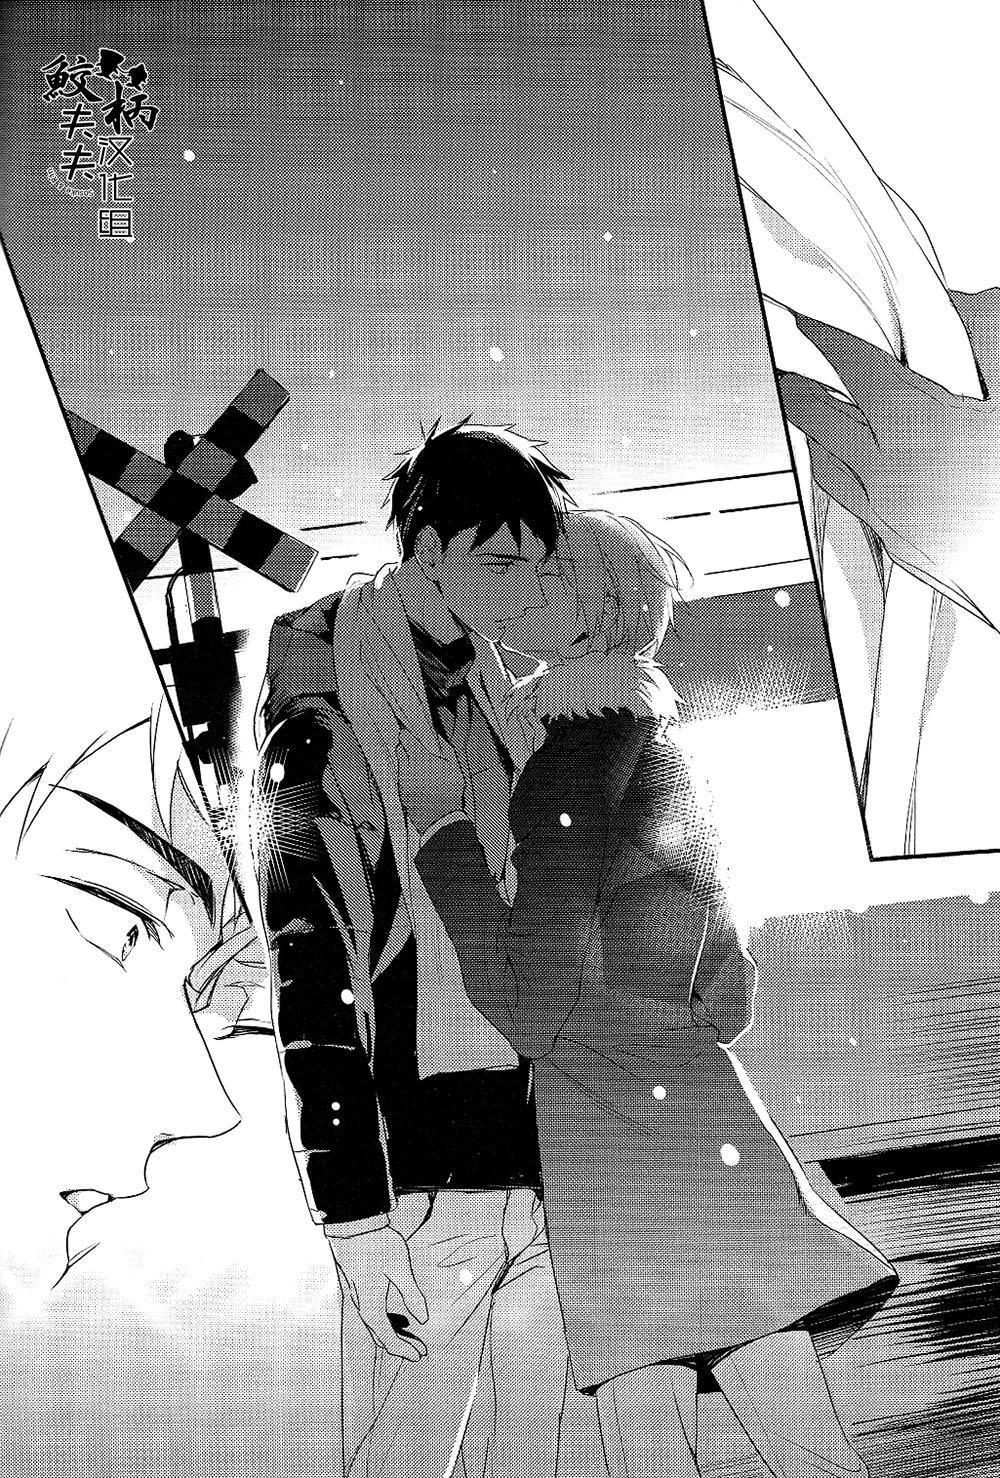 Yasashii Dokusen Yoku Kouhen | Gentle Possessiveness sequel 30